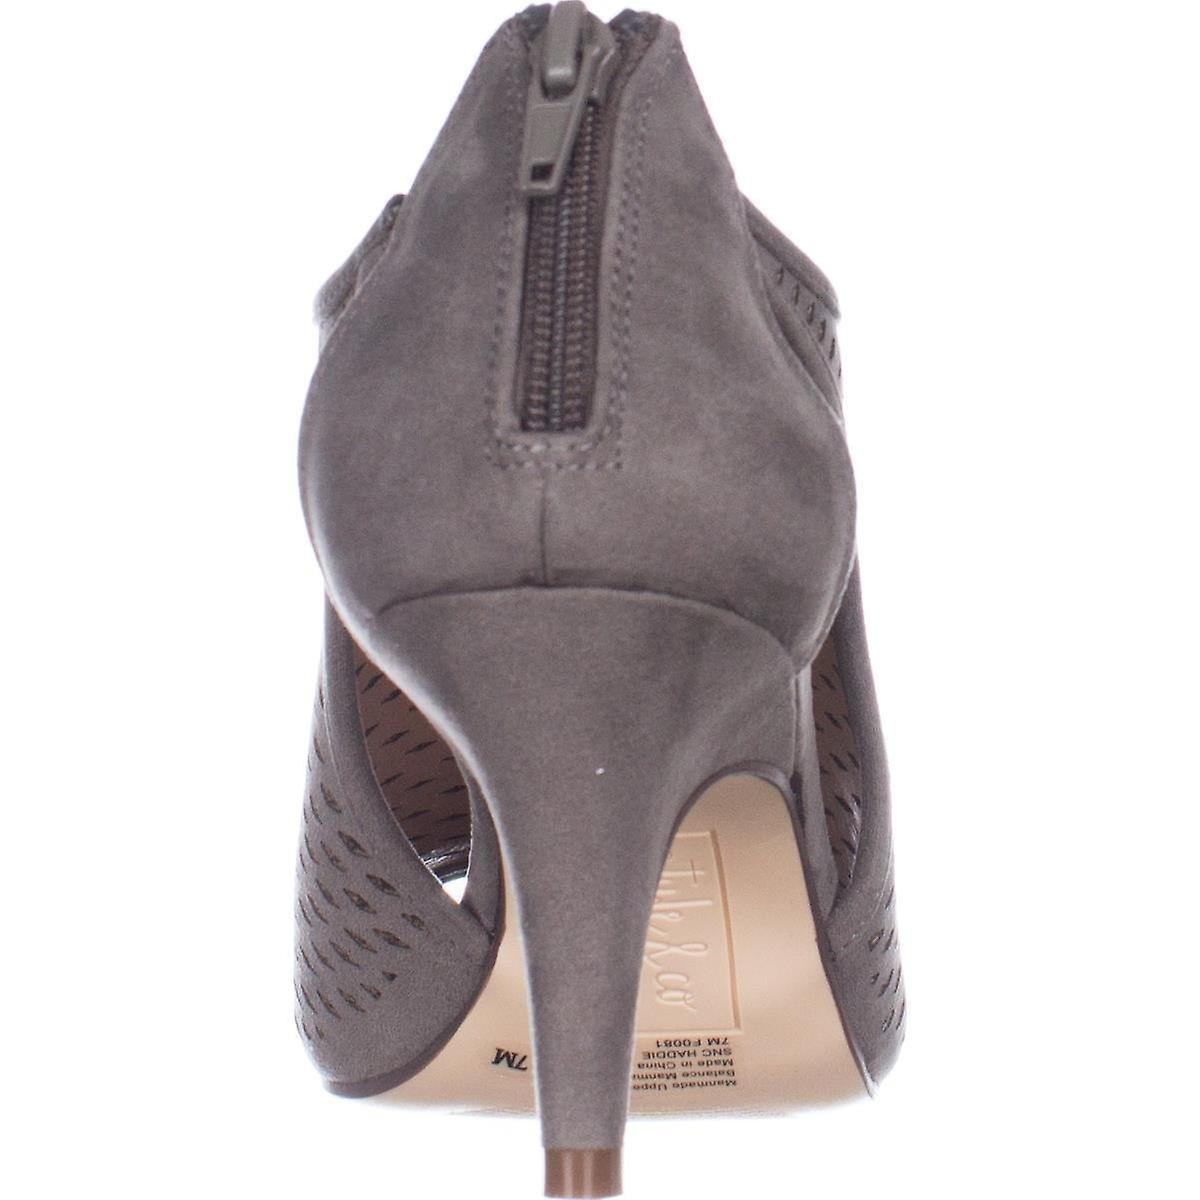 Haddie damskie stylu Co. idealna tkanina Open Toe specjalnych okazji Mule sandały 0wxTm